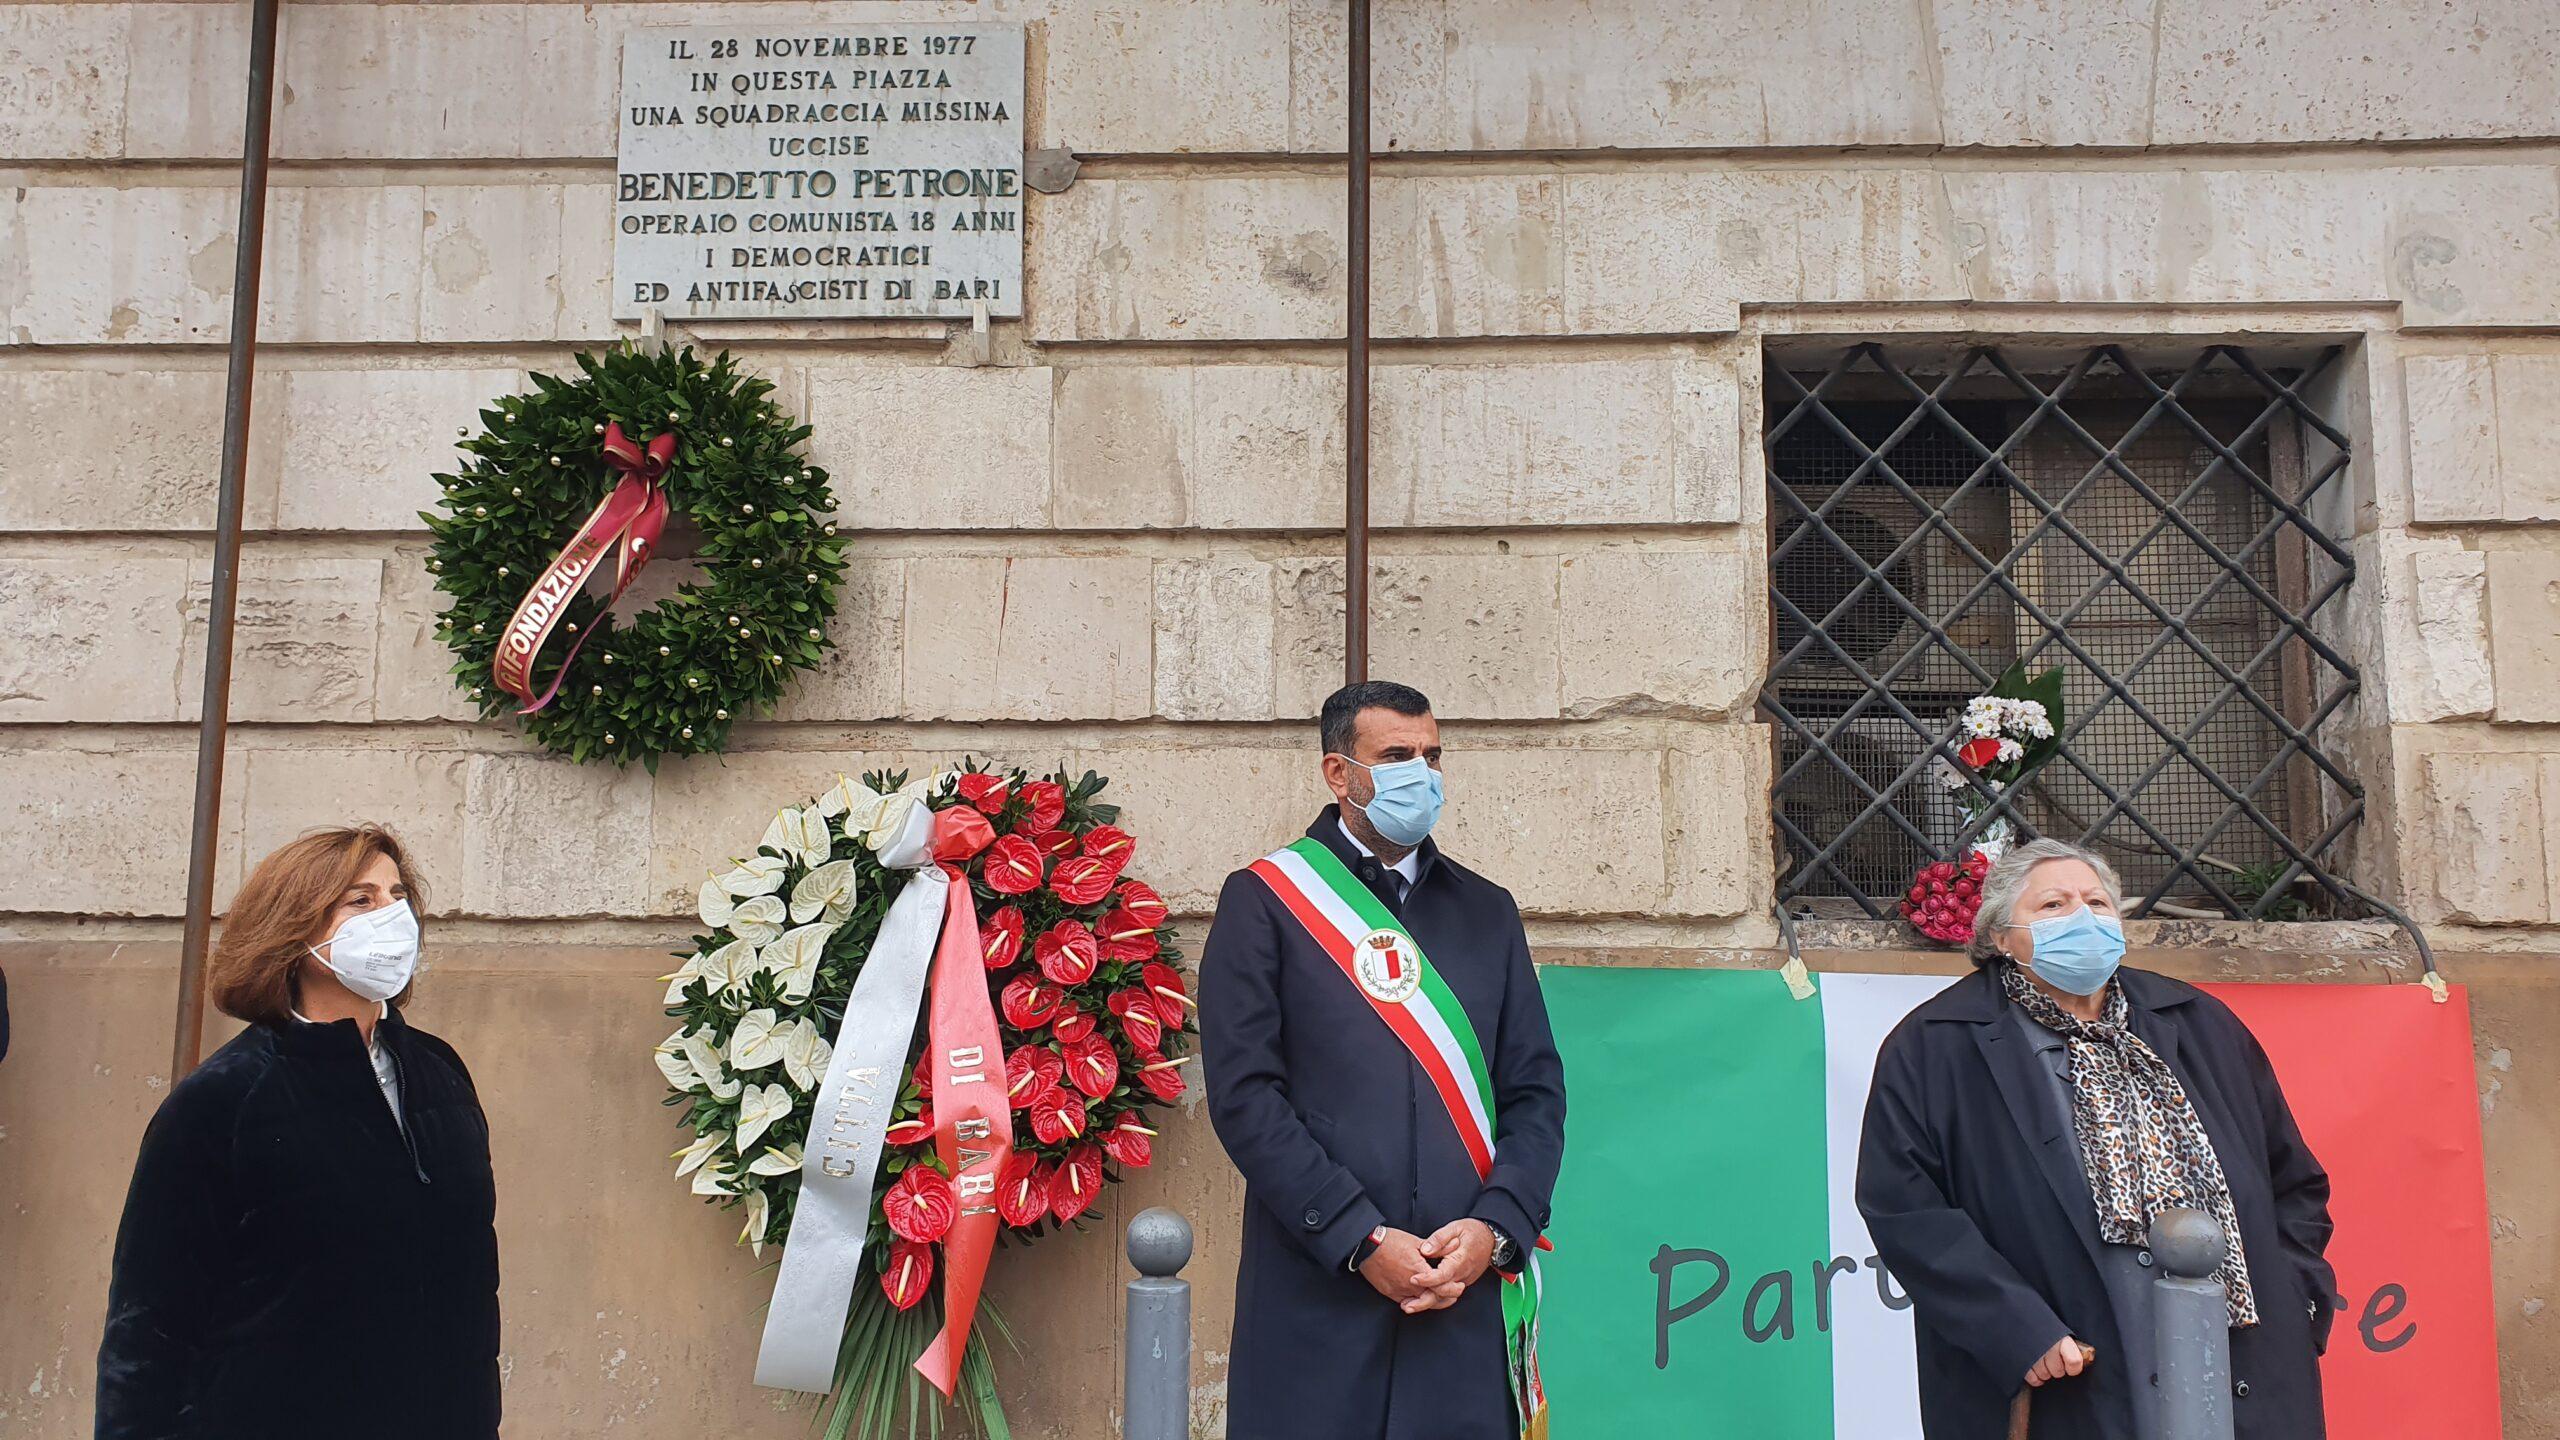 Benedetto Petrone operaio comunista di anni 18